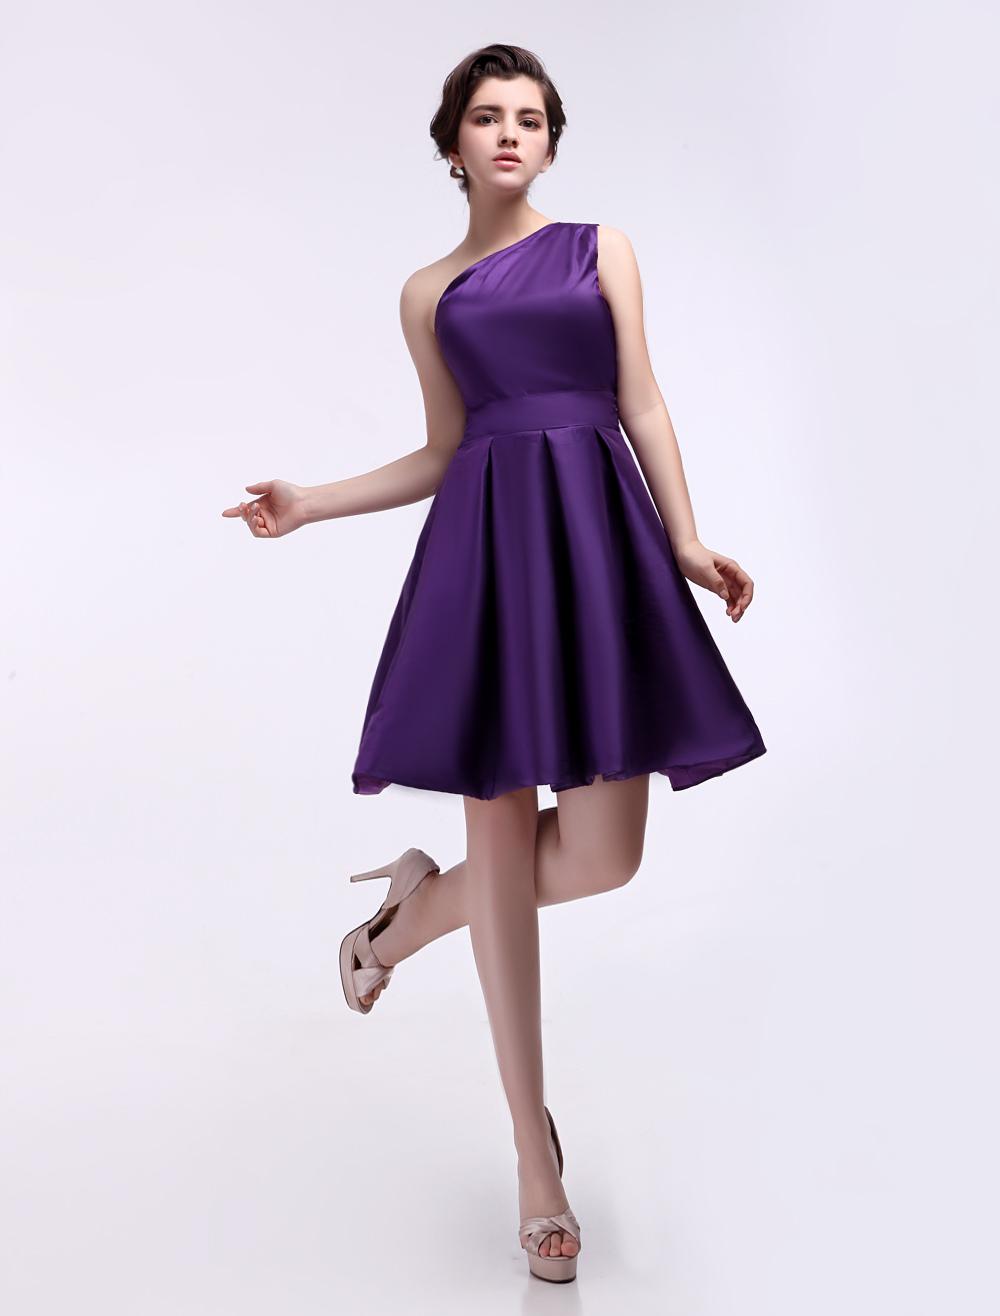 Corto vestido de damas de honor de color de uva - Milanoo.com